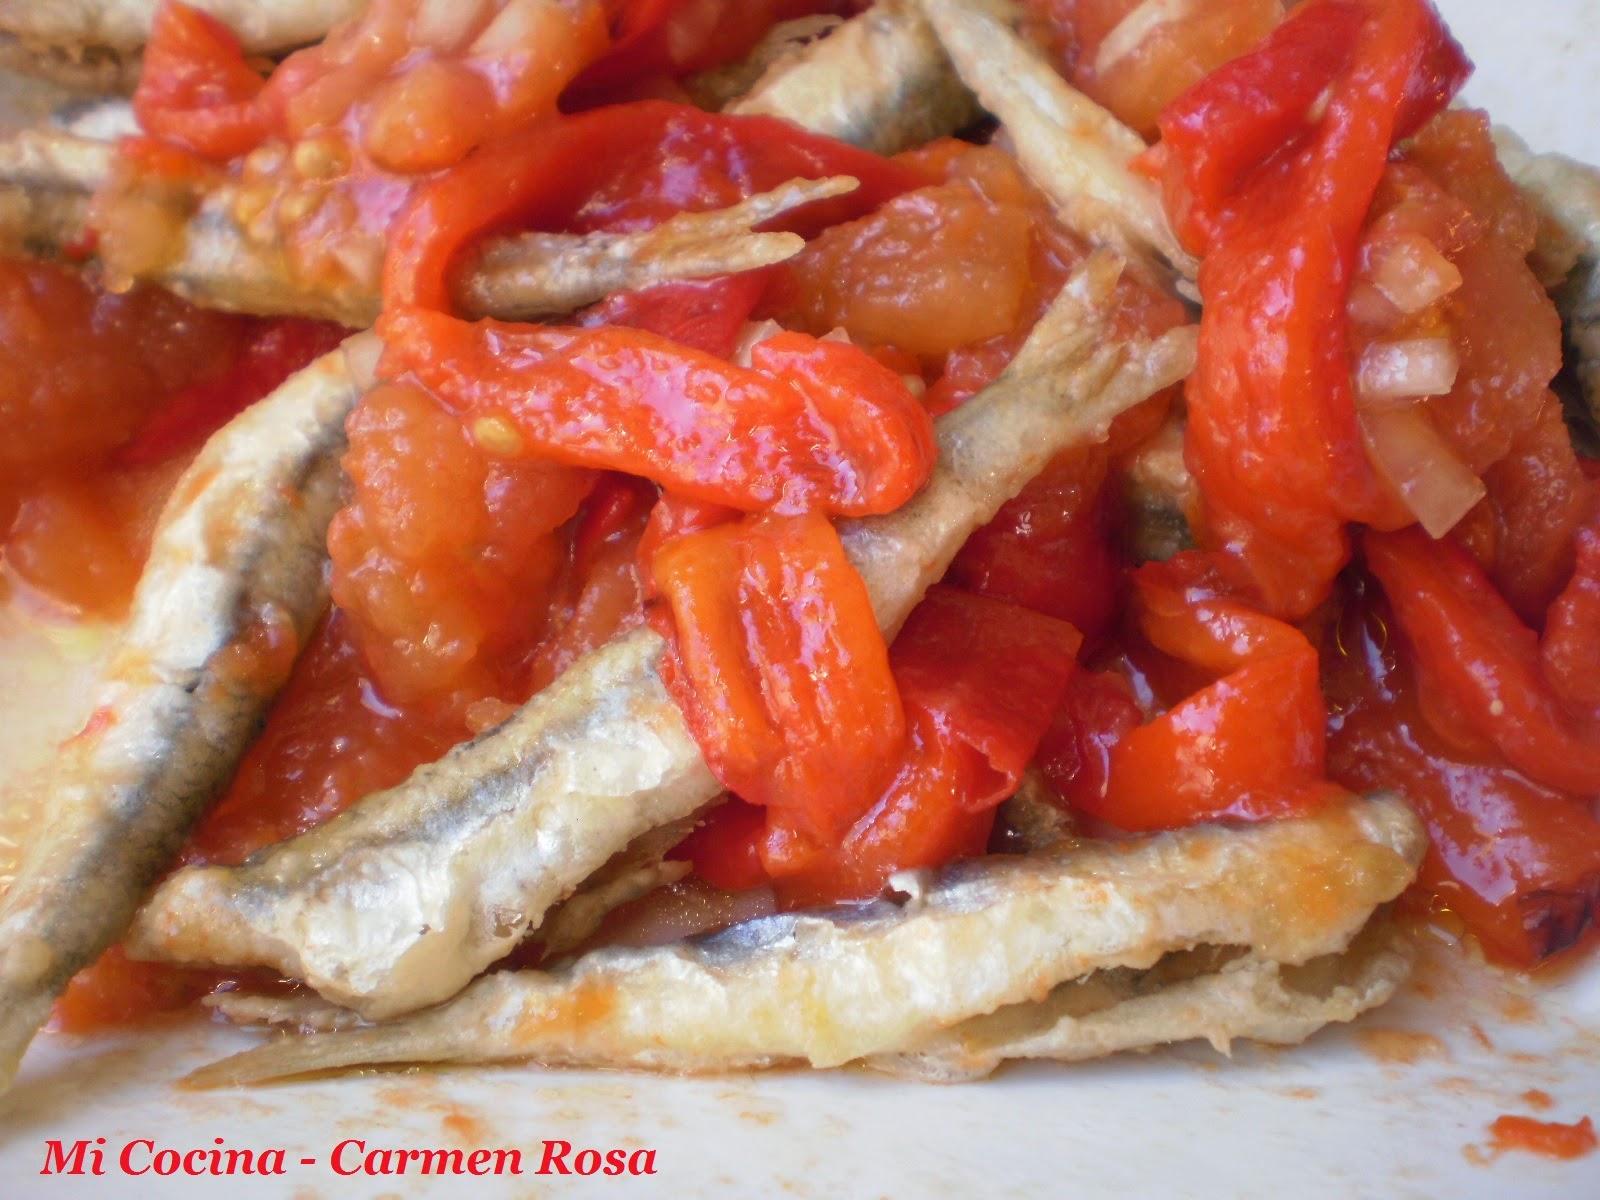 Ensaladilla Malagueña De Tomates Y Pimientos Asados Con Pescado Frito